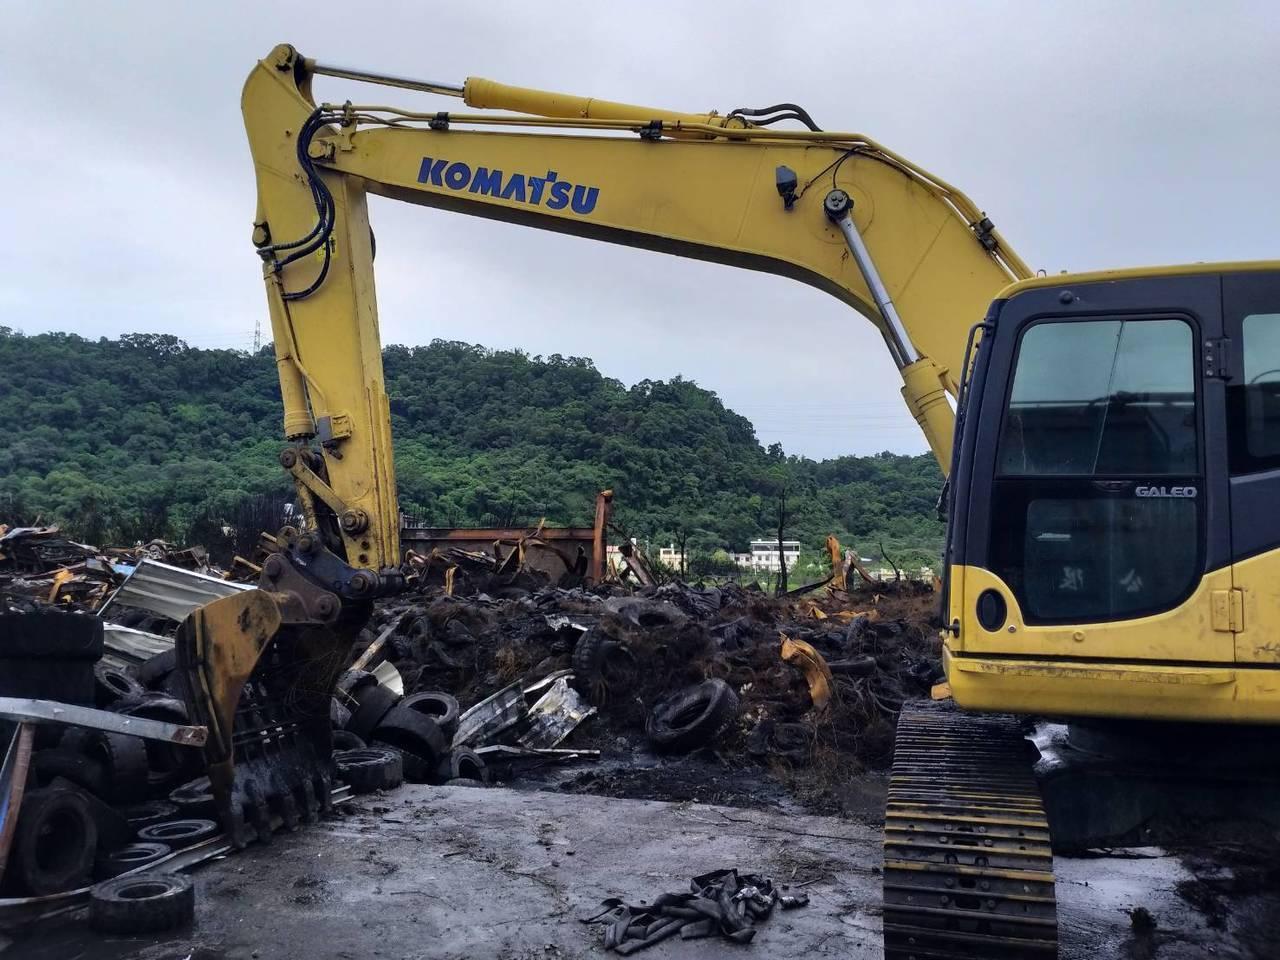 台中市后里區廢輪胎廠日前發生大火,造成台中部分區域空品不良。記者余采瀅/攝影